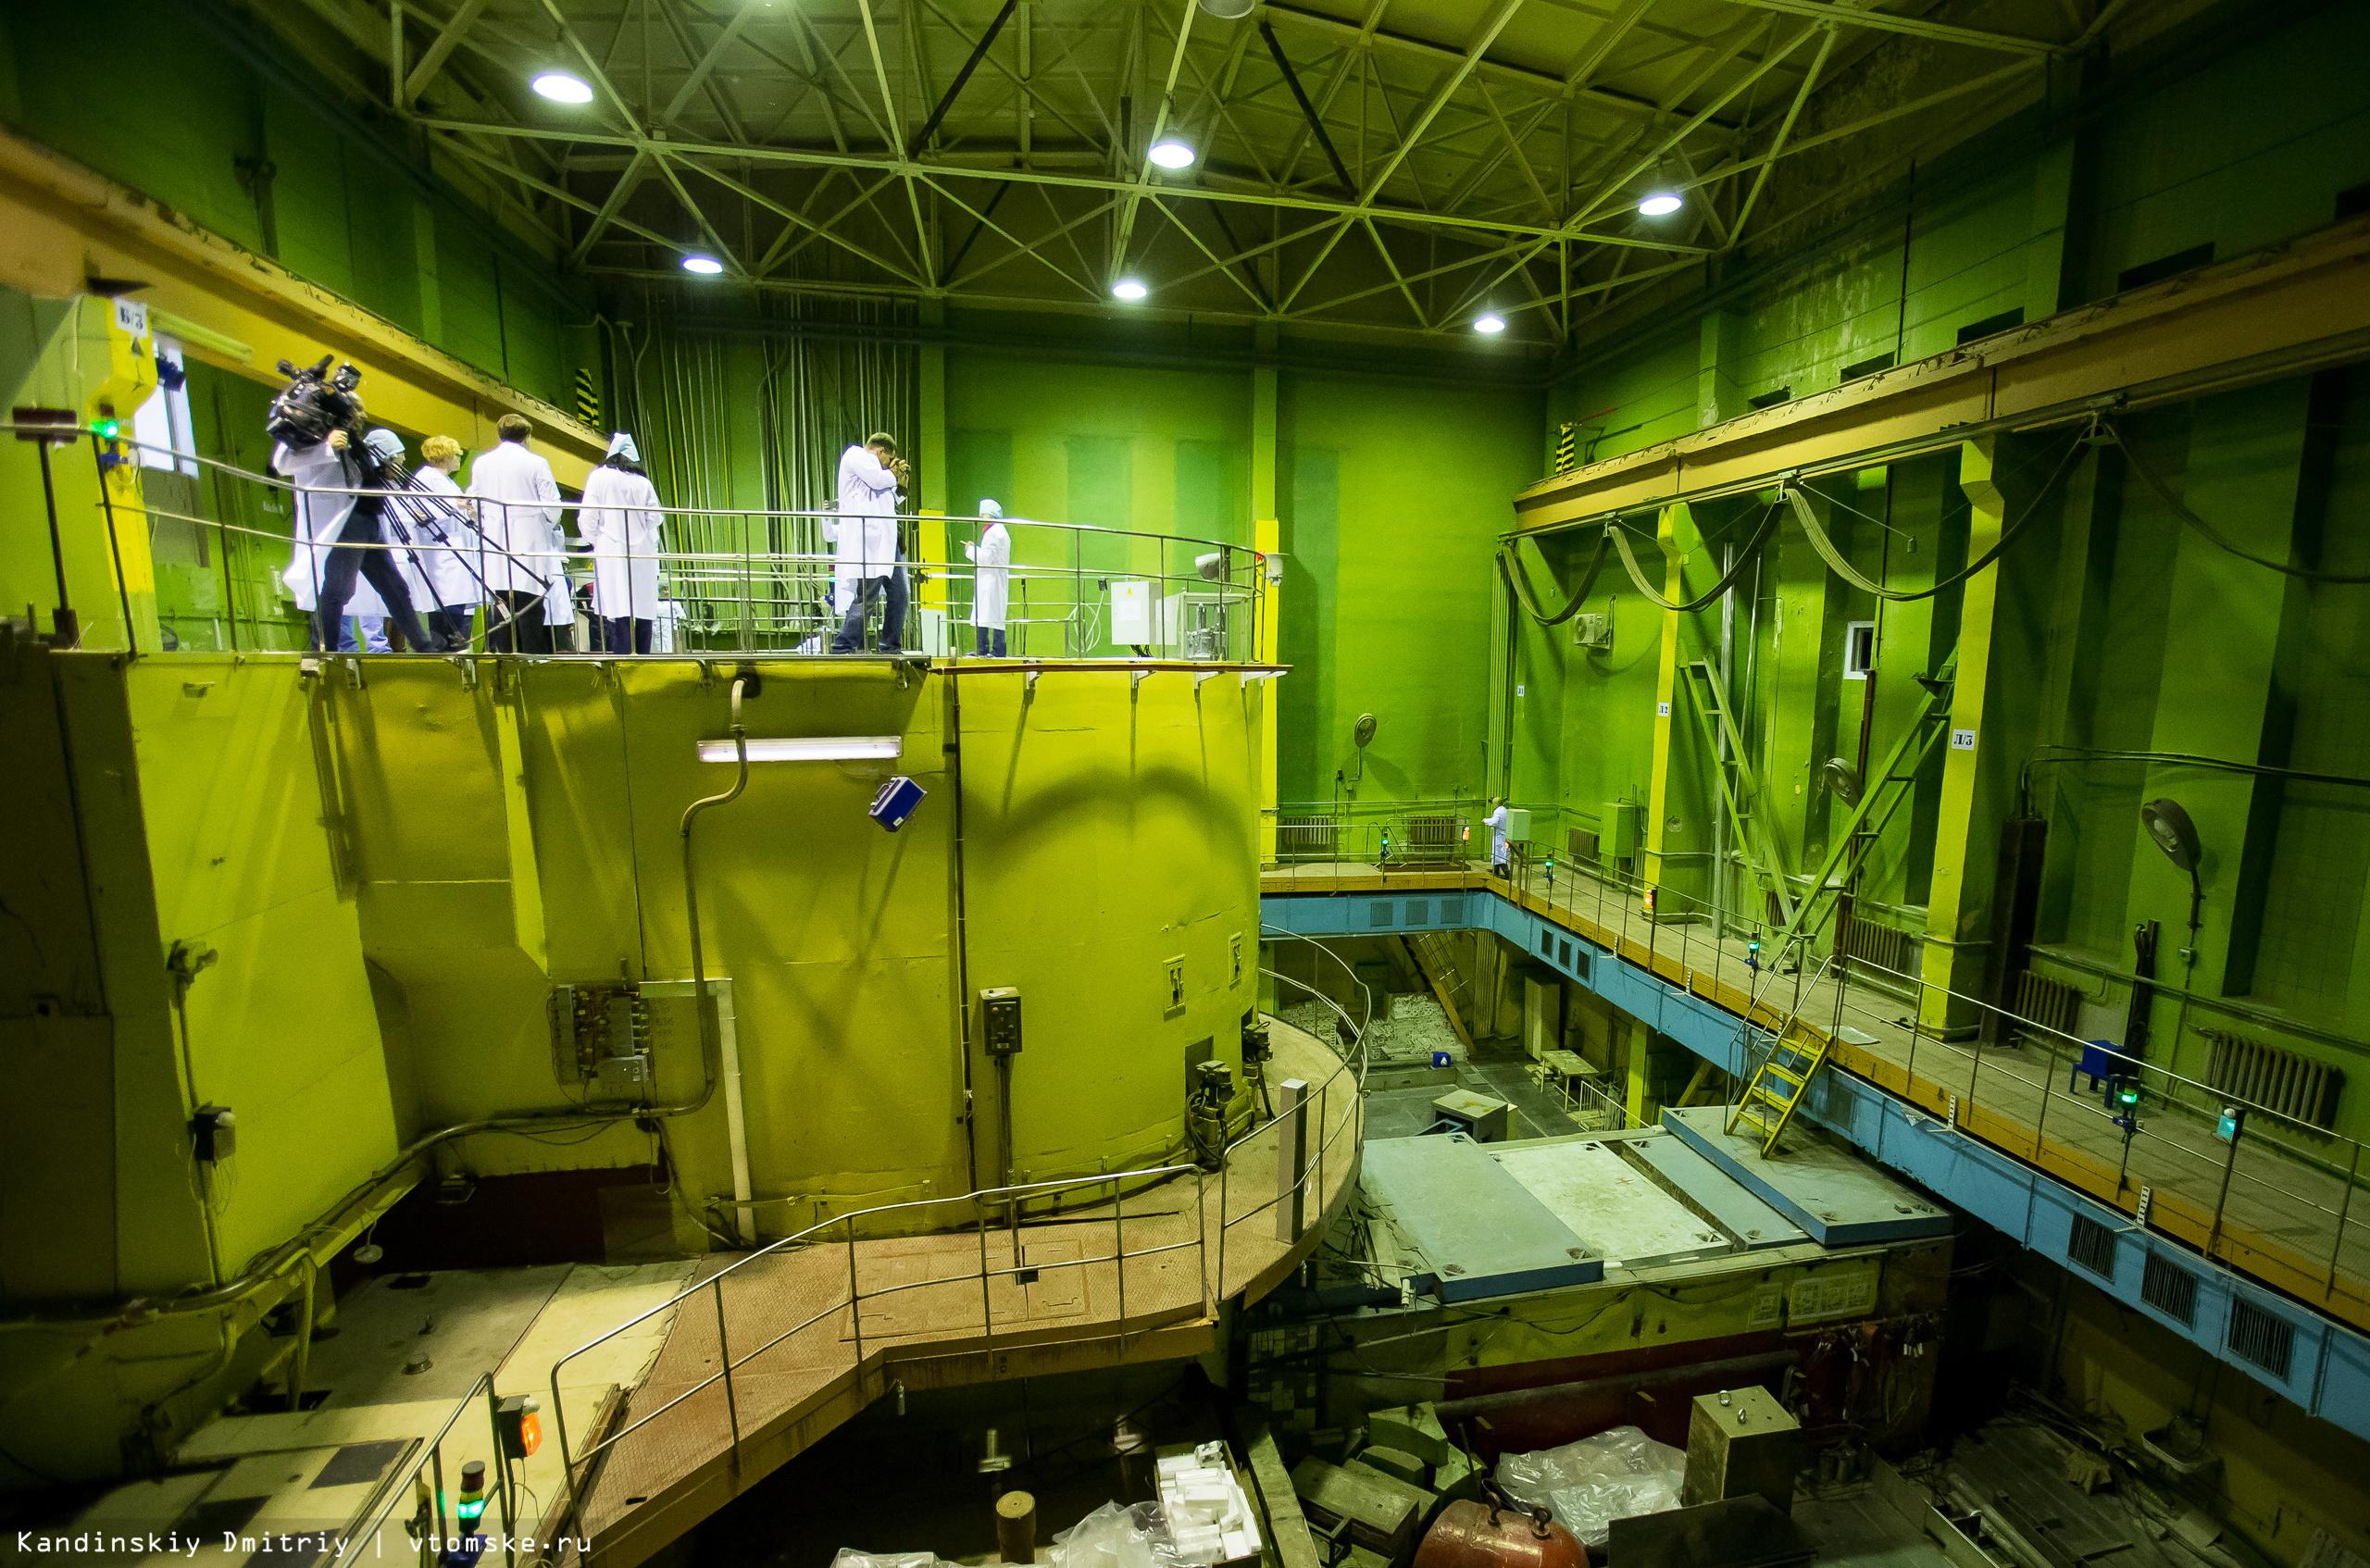 Нейтроны и гамма-излучение: как работает ядерный реактор ТПУ